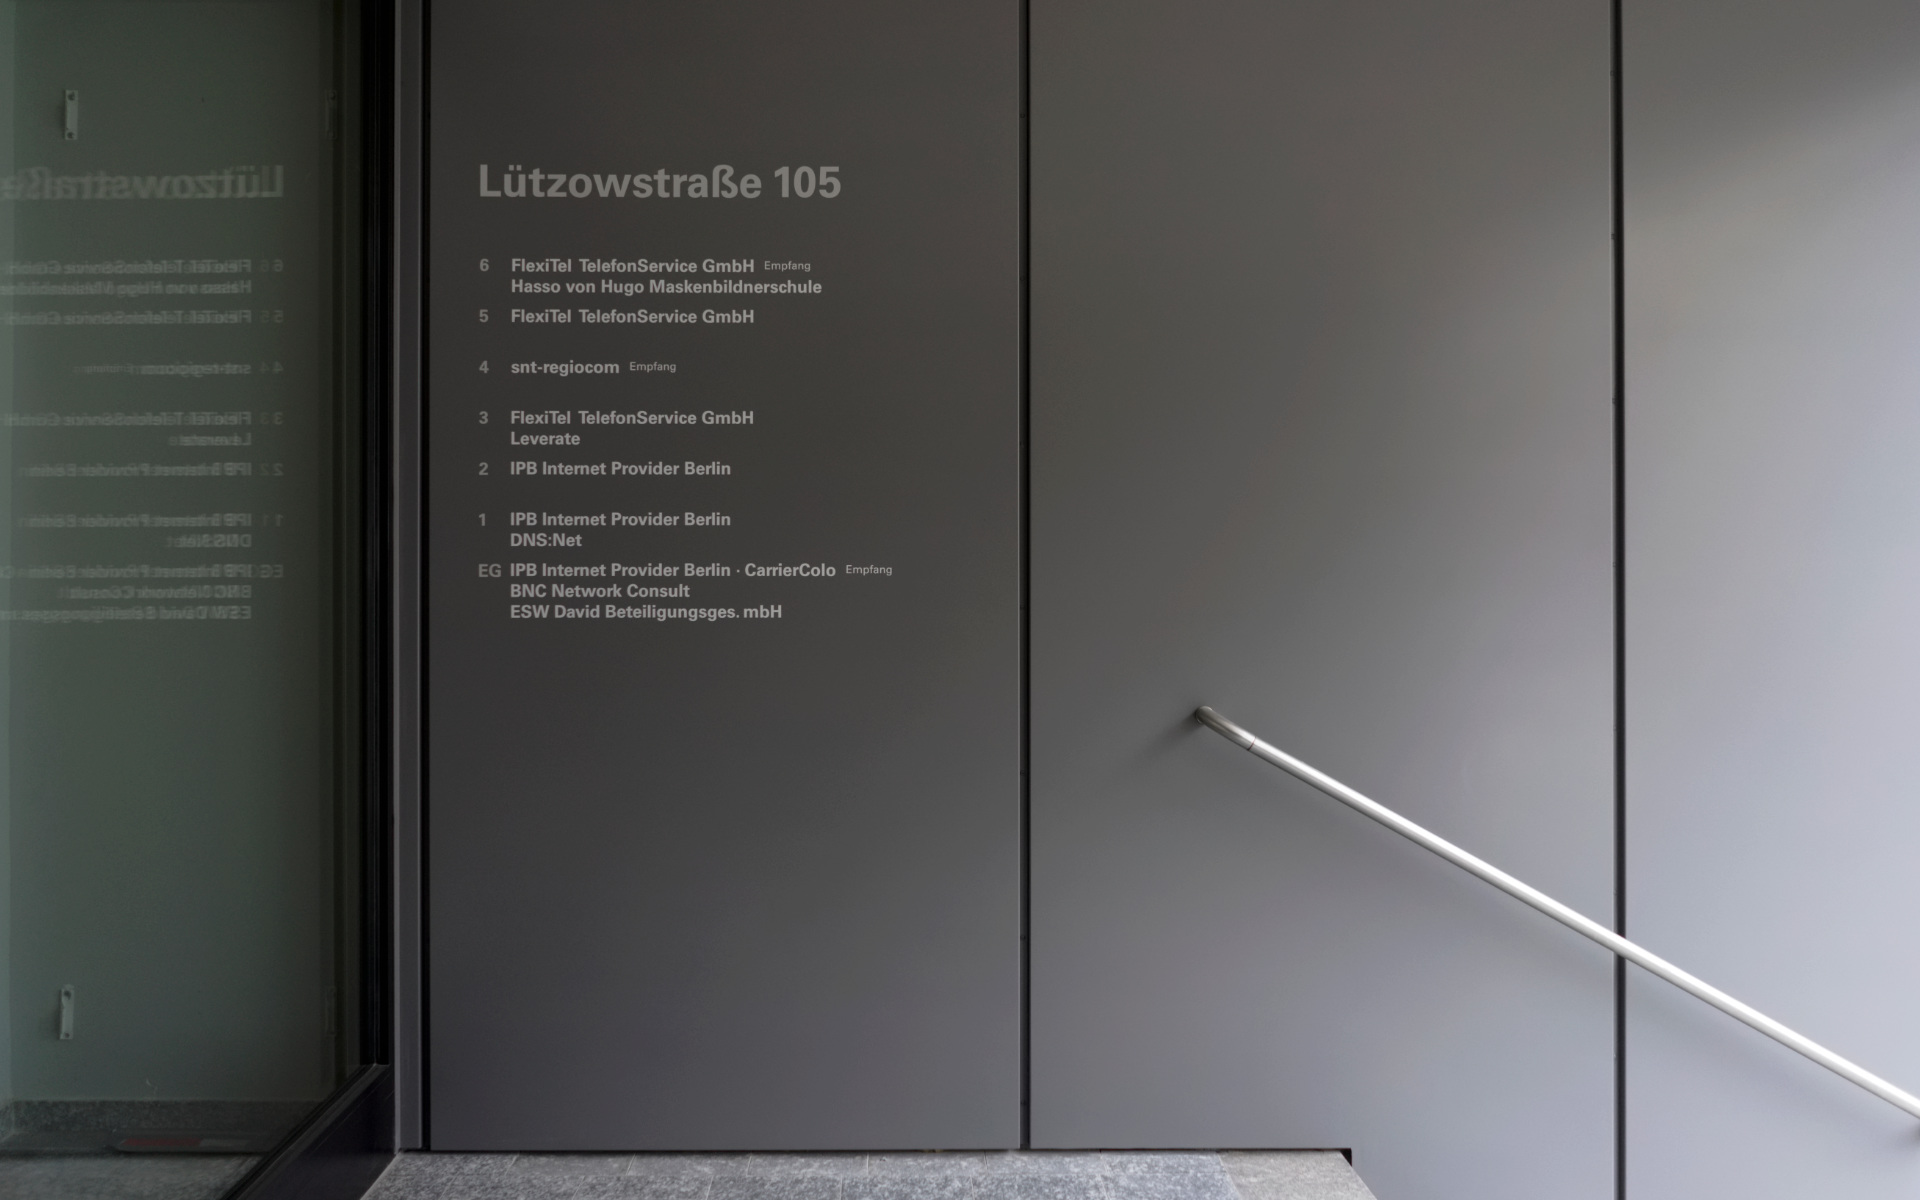 Mieteruebersicht Buerohaus Beschilderung Leitsystem Design Berlin